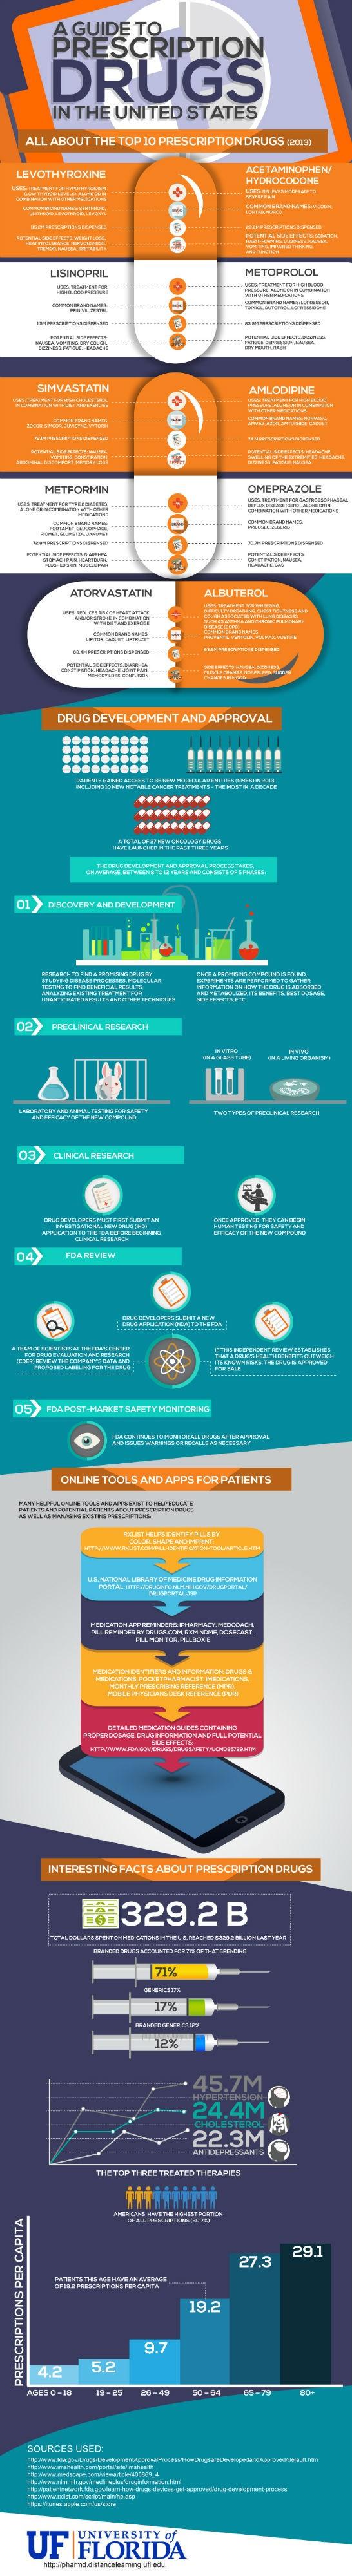 Prescription Drugs in America [Infographic]